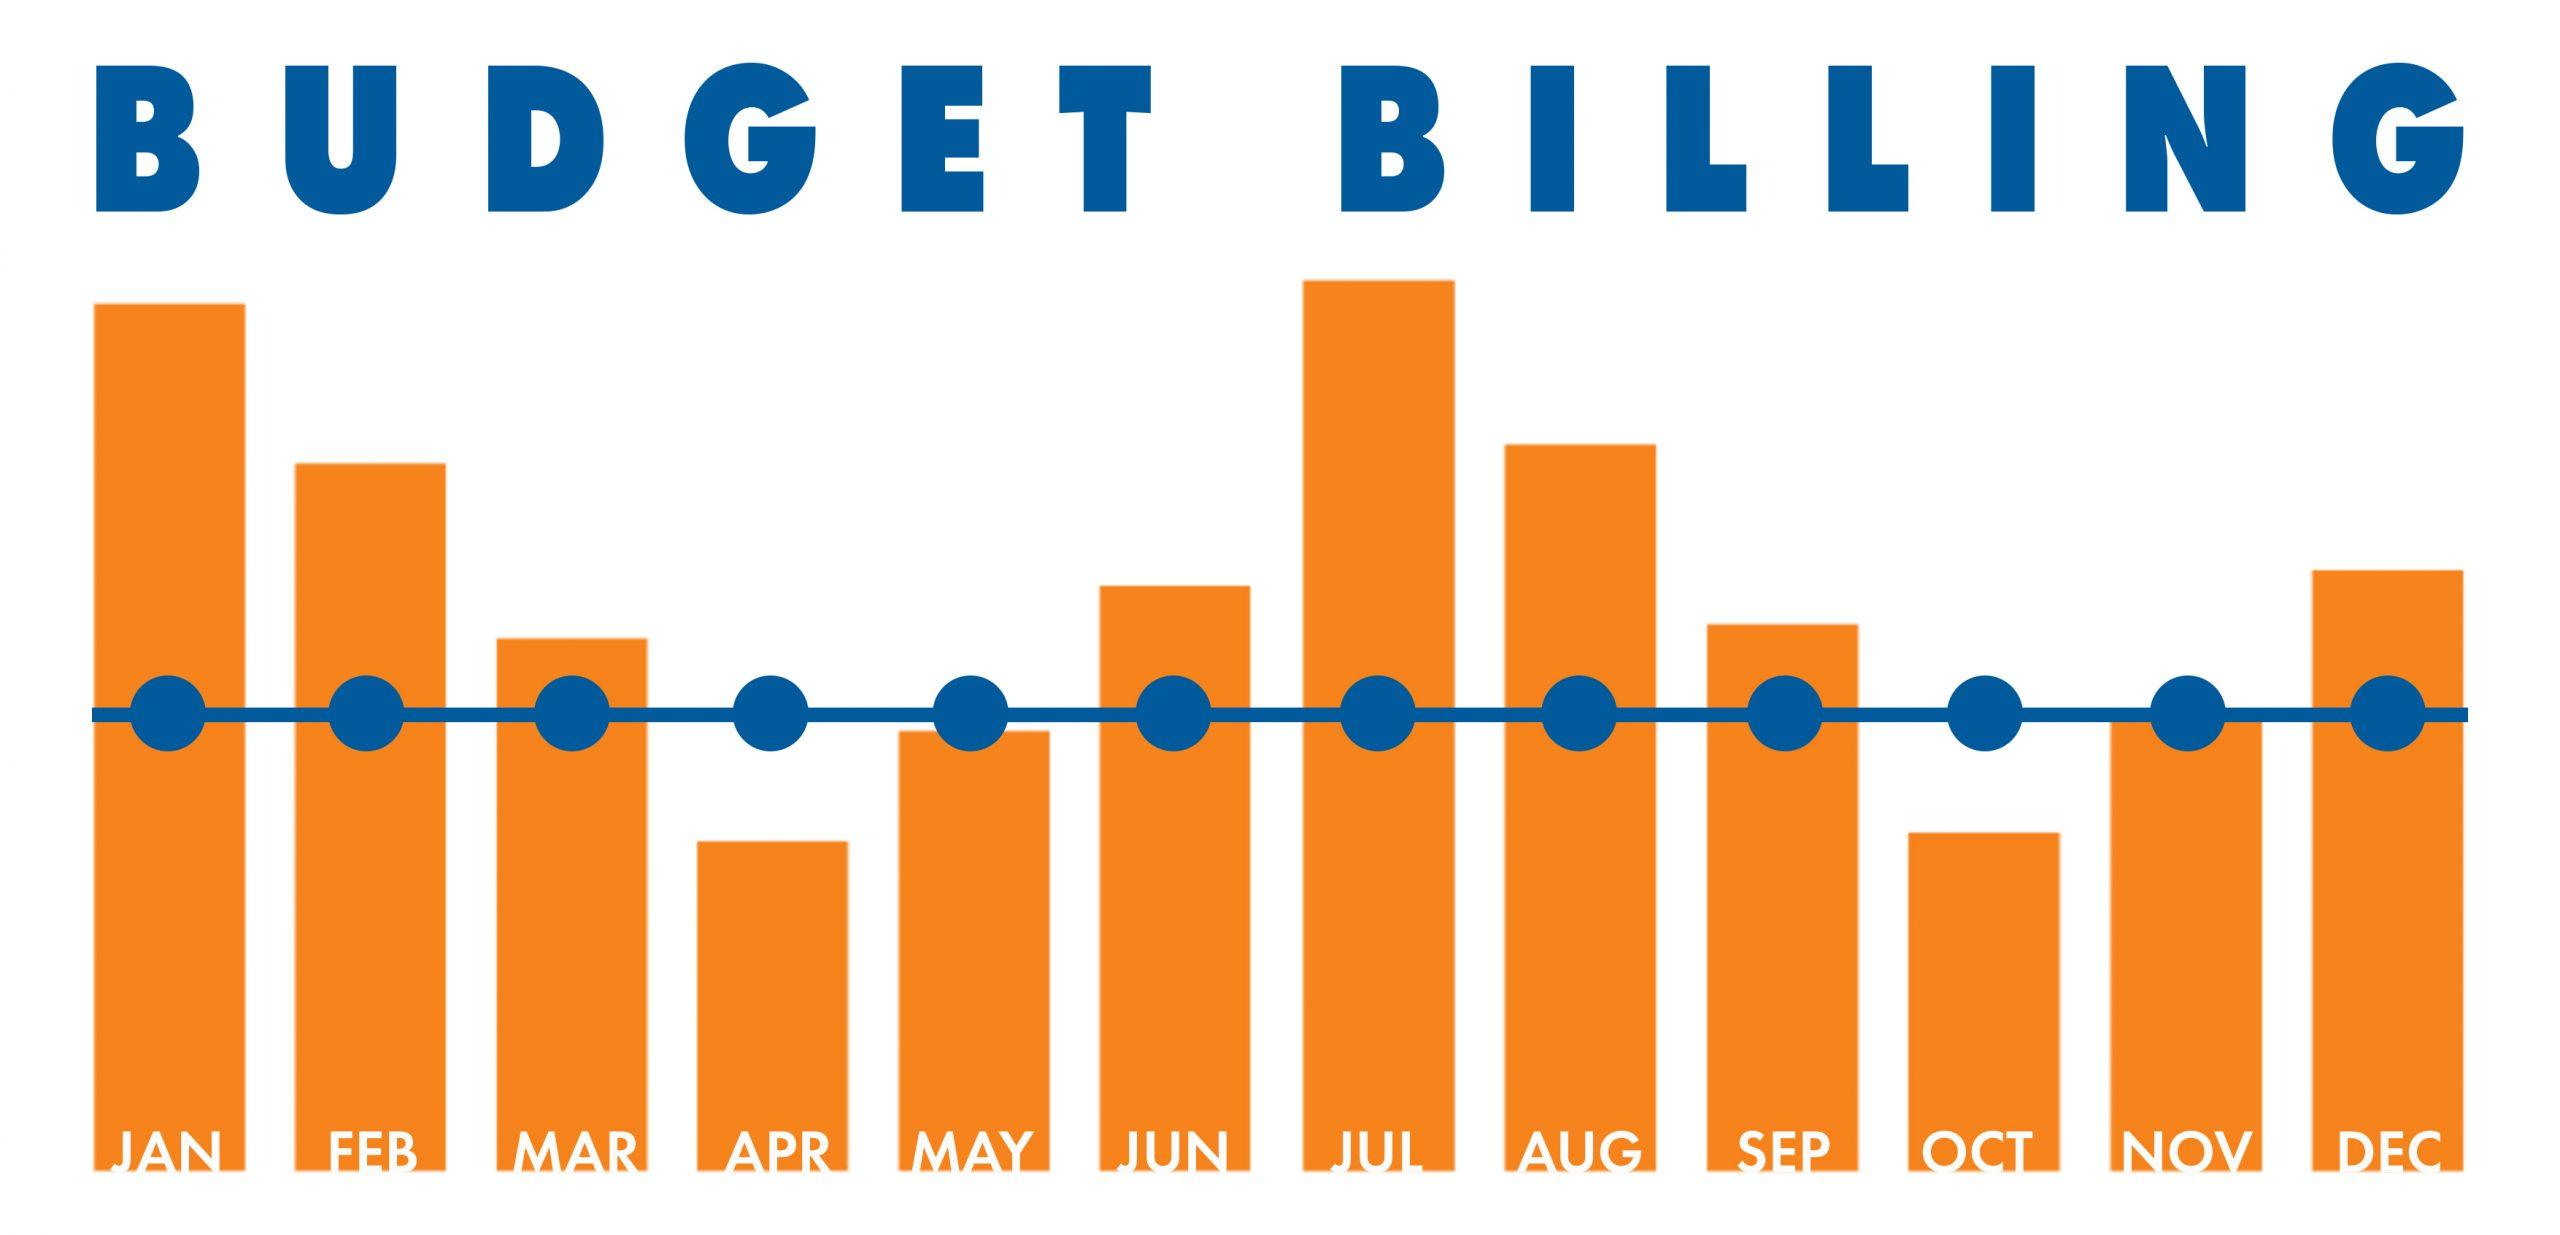 Economizando energia com Budget Billing